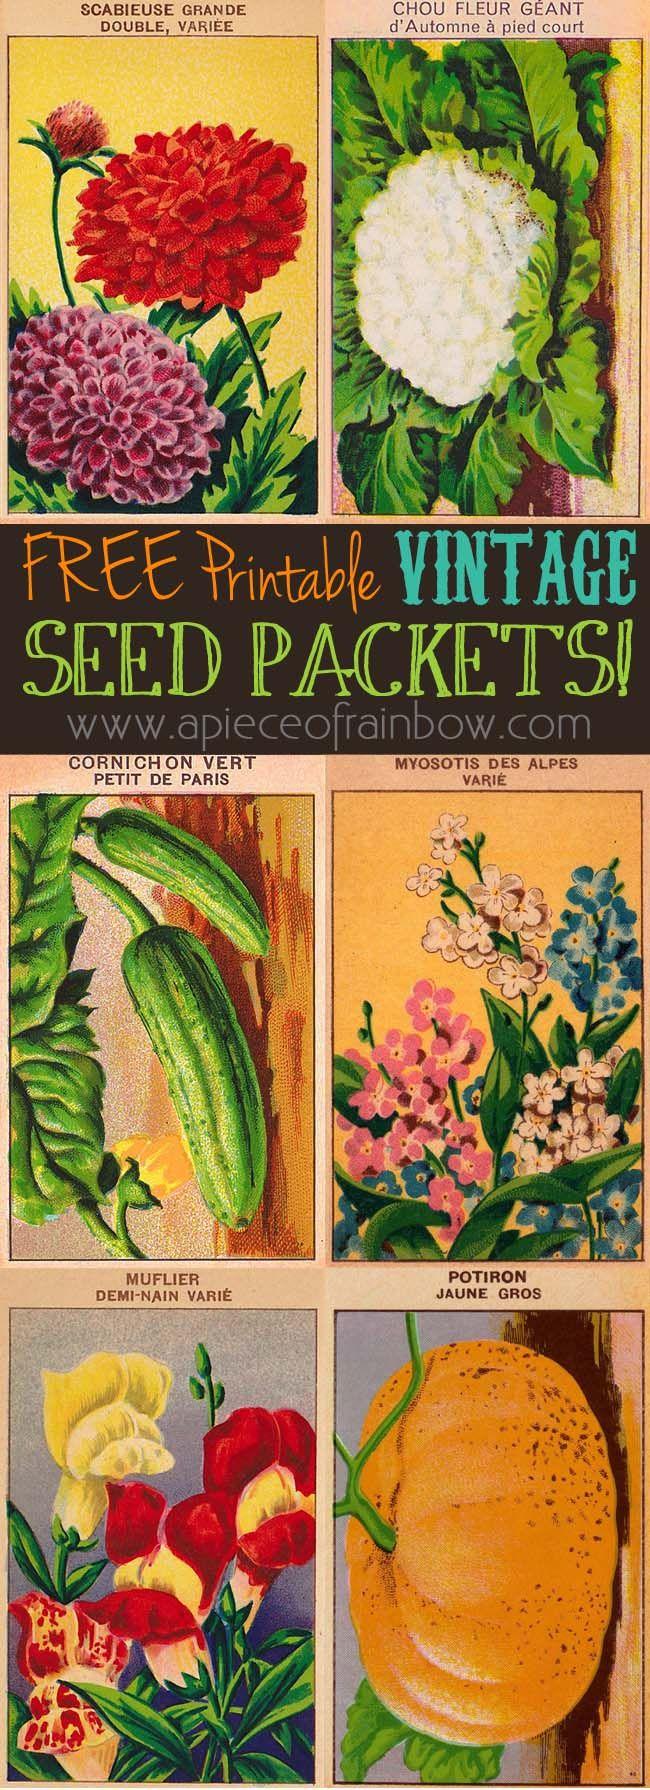 vintage-semilla en paquetes de pared del arte-apieceofrainbow